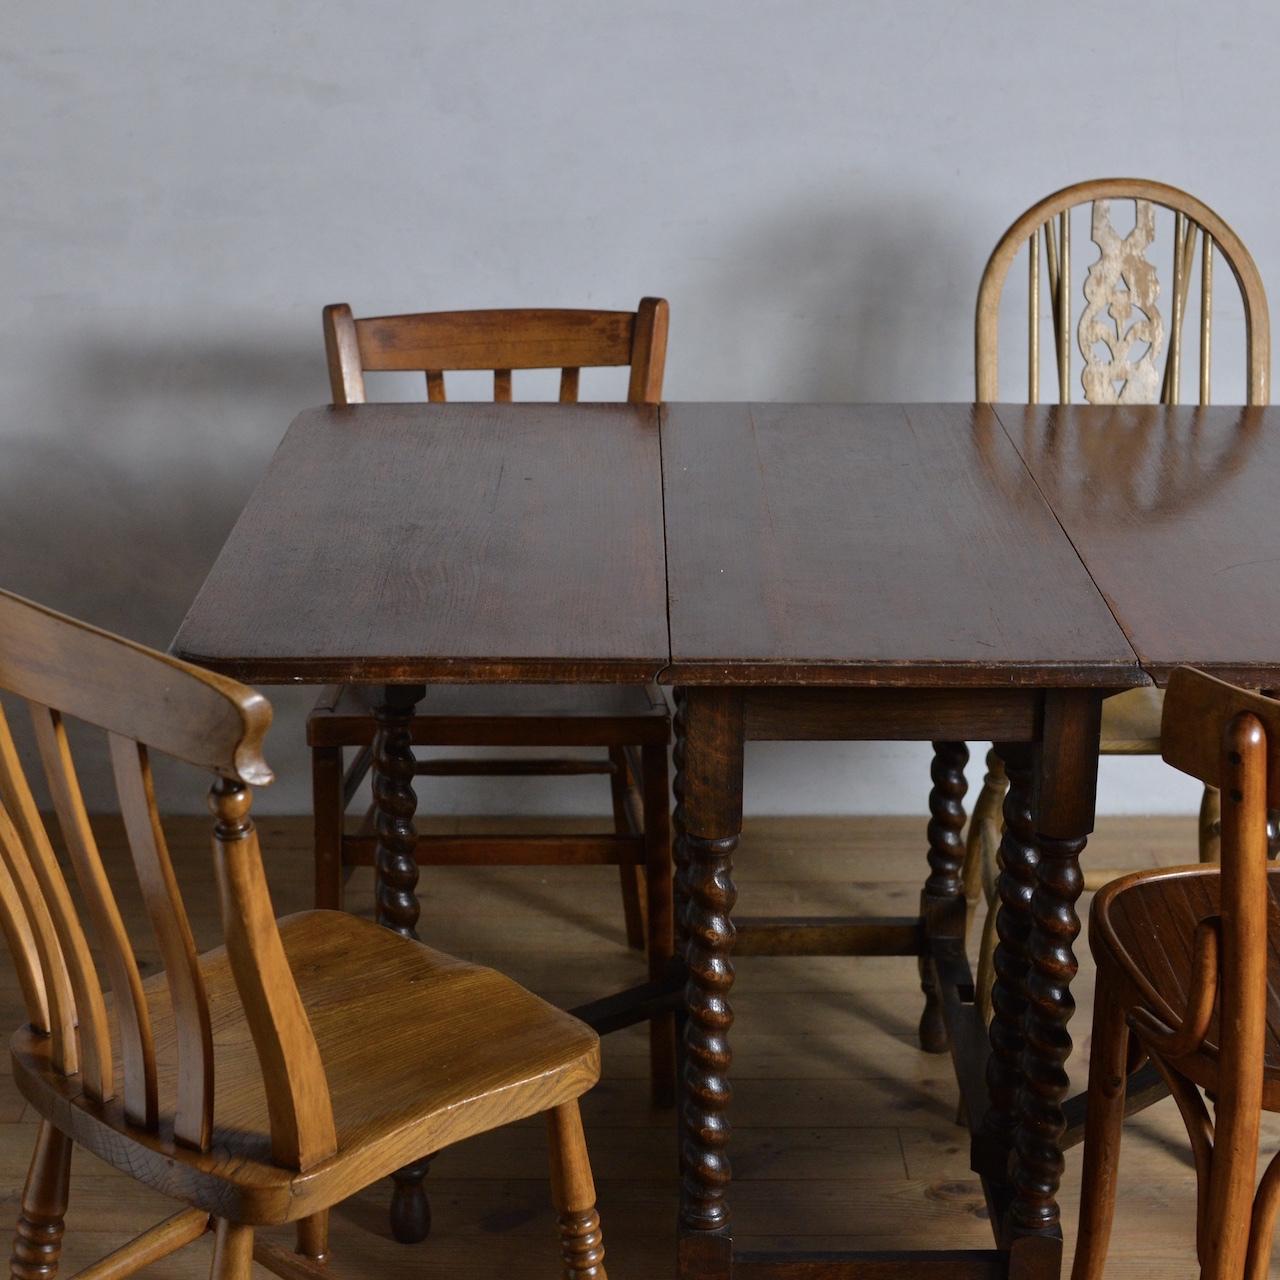 Gate Leg Table / ゲートレッグテーブル 〈ダイニングテーブル・ティーテーブル・バタフライテーブル・什器〉SB2012-0001